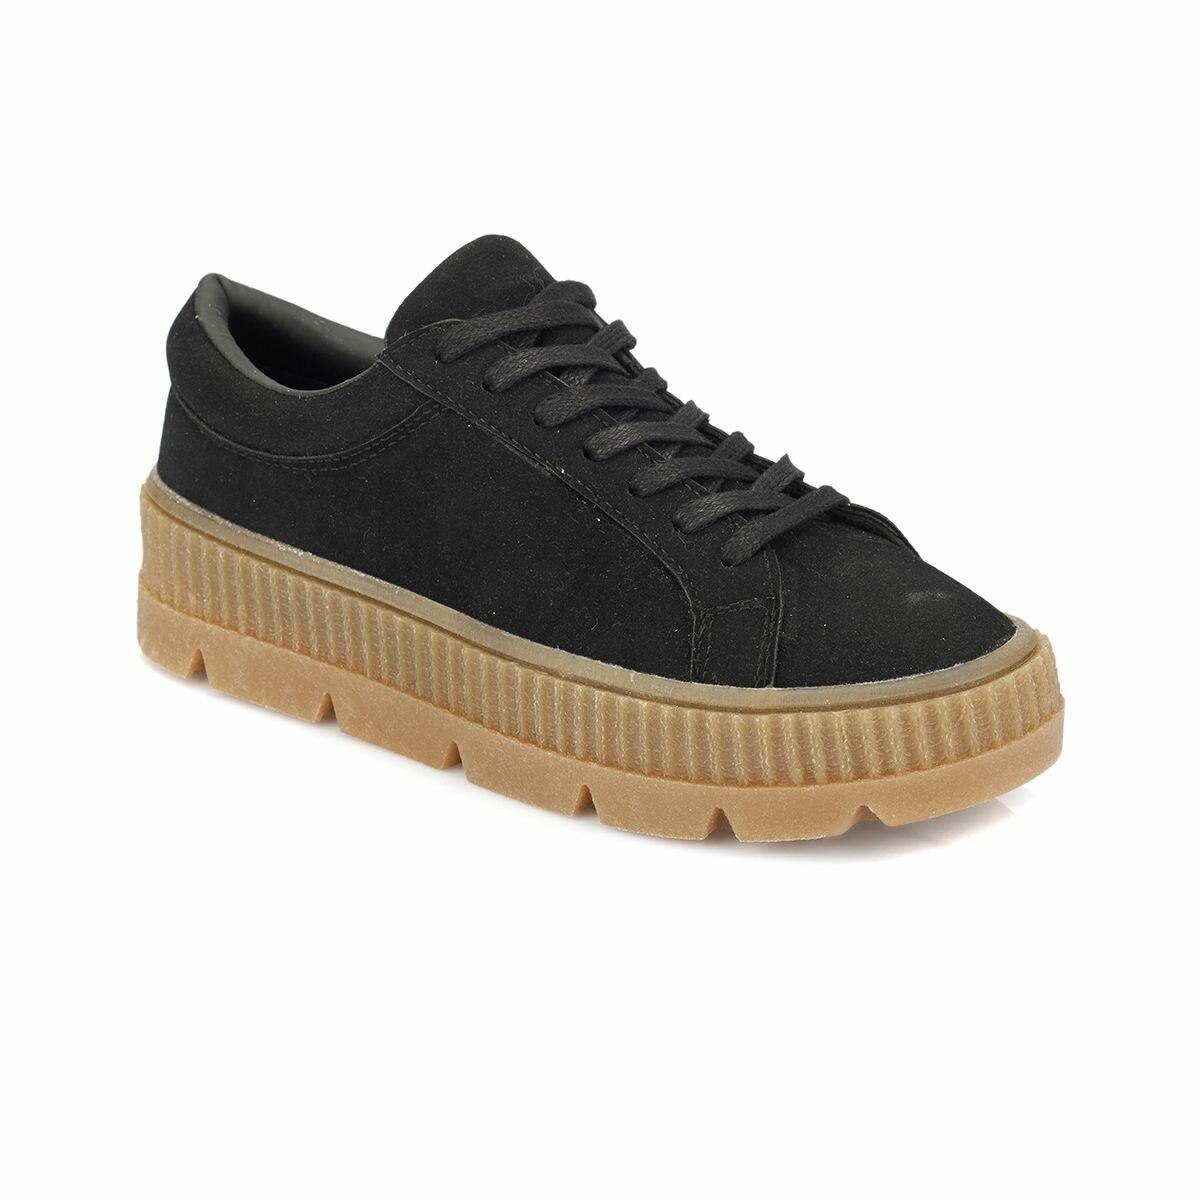 FLO ZERRA Black Women 'S Sneaker Shoes KINETIX